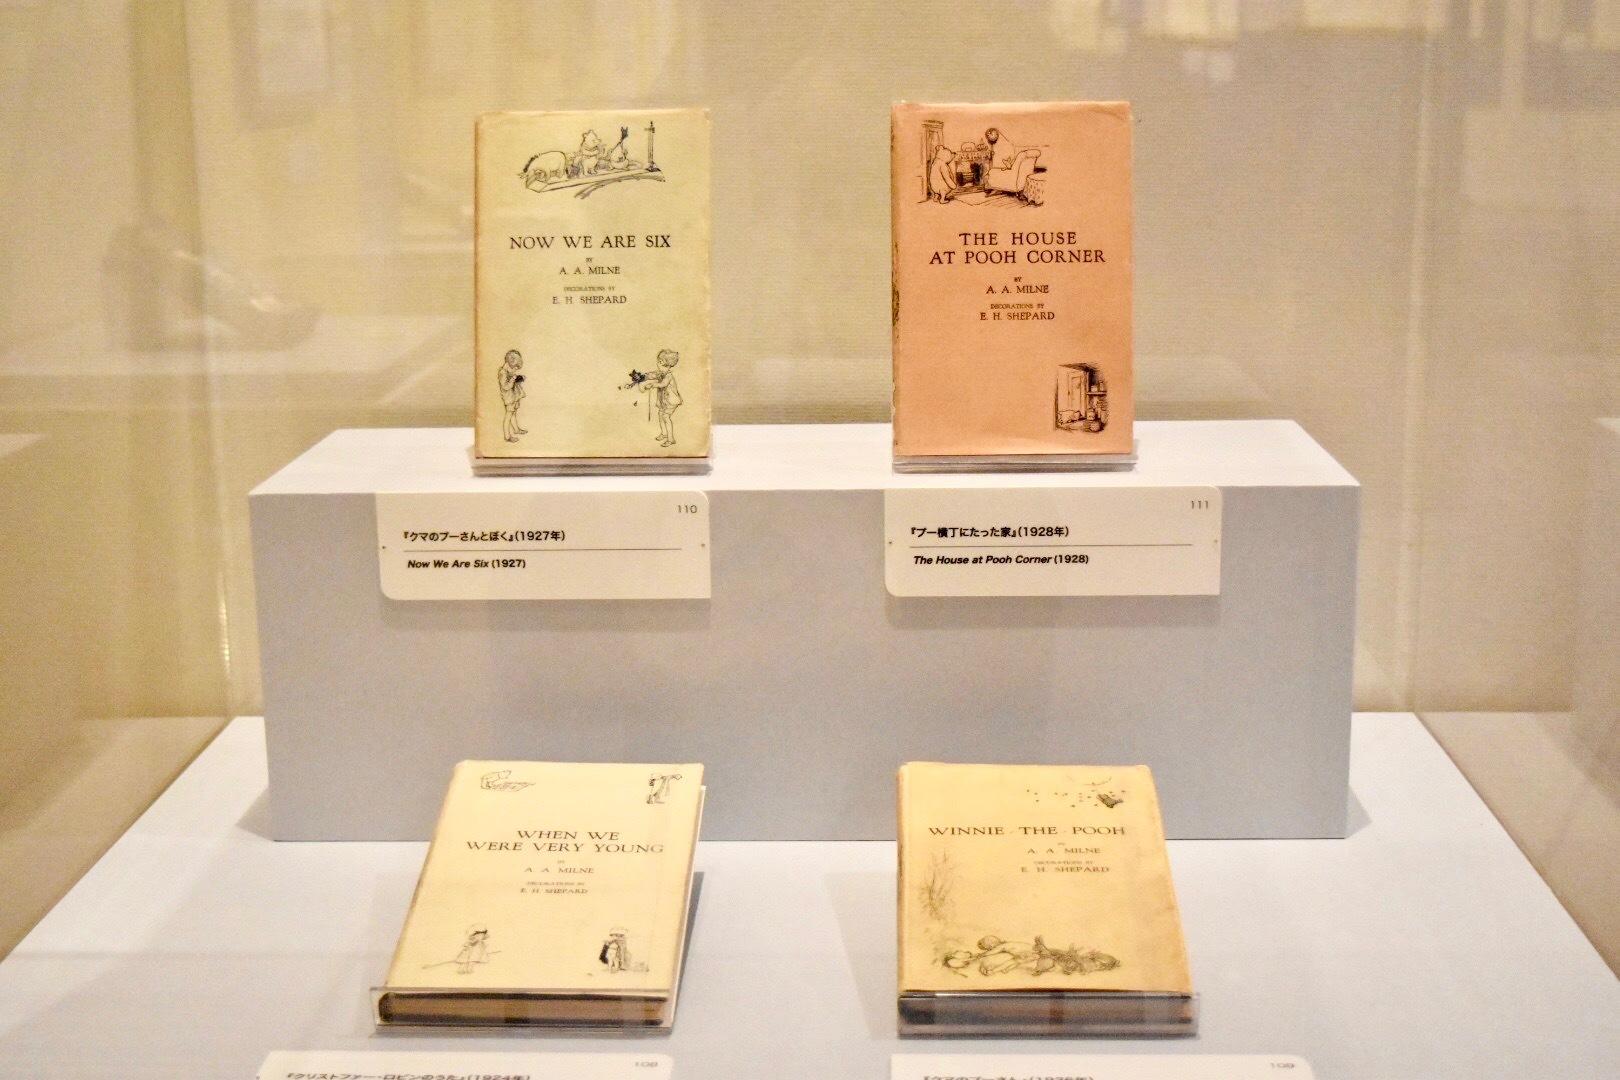 初版本 1924-28年 ヴィクトリア・アンド・アルバート博物館付属ナショナル・アート図書館(『クリストファー・ロビンのうた』はクライヴ&アリソン・ビーチャム所蔵)